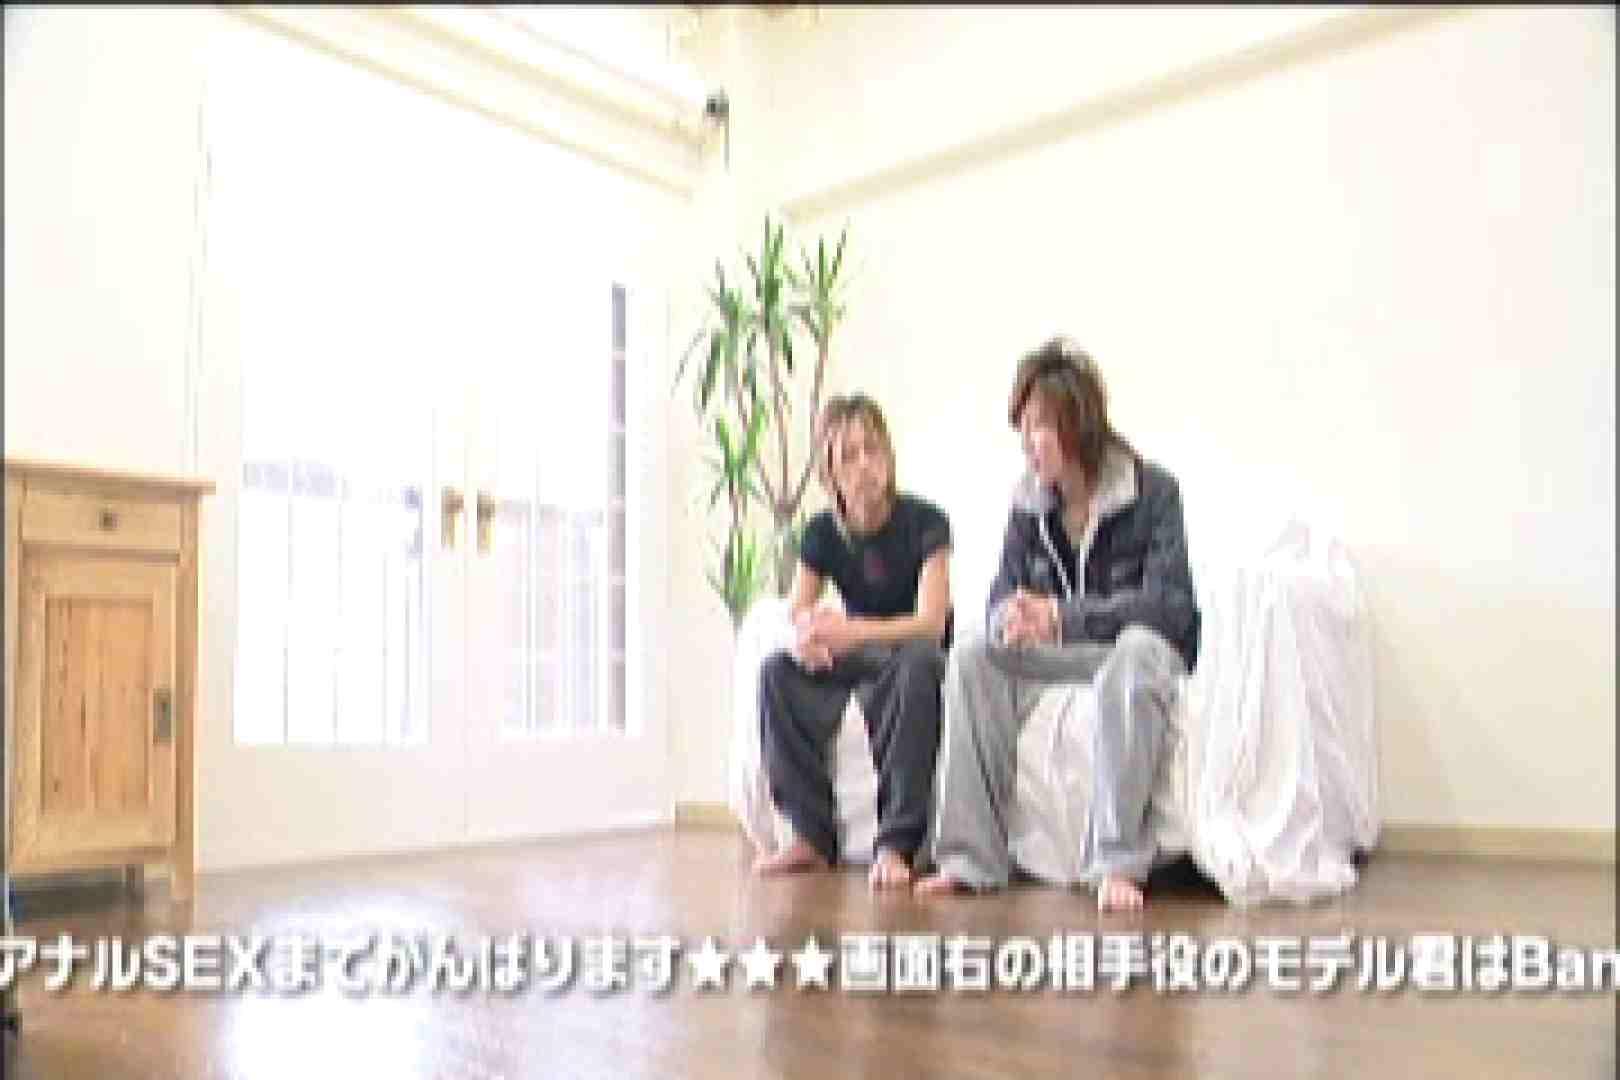 イケメン☆パラダイス〜男ざかりの君たちへ〜vol.45 フェラ ゲイ素人エロ画像 60枚 1